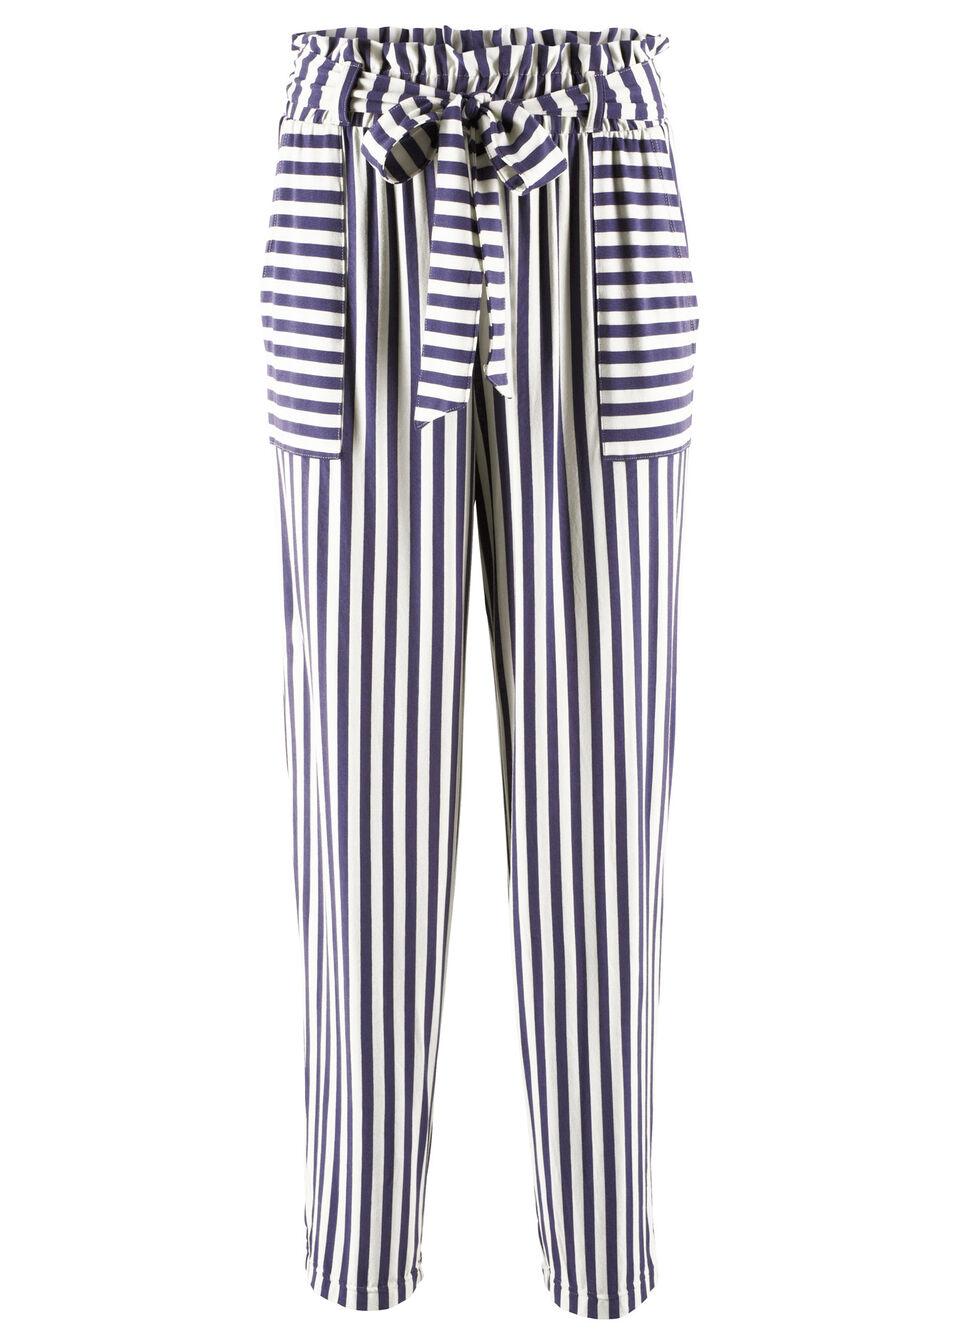 Купить Трикотажные брюки дизайна Maite Kelly, bonprix, индиго/белый в полоску